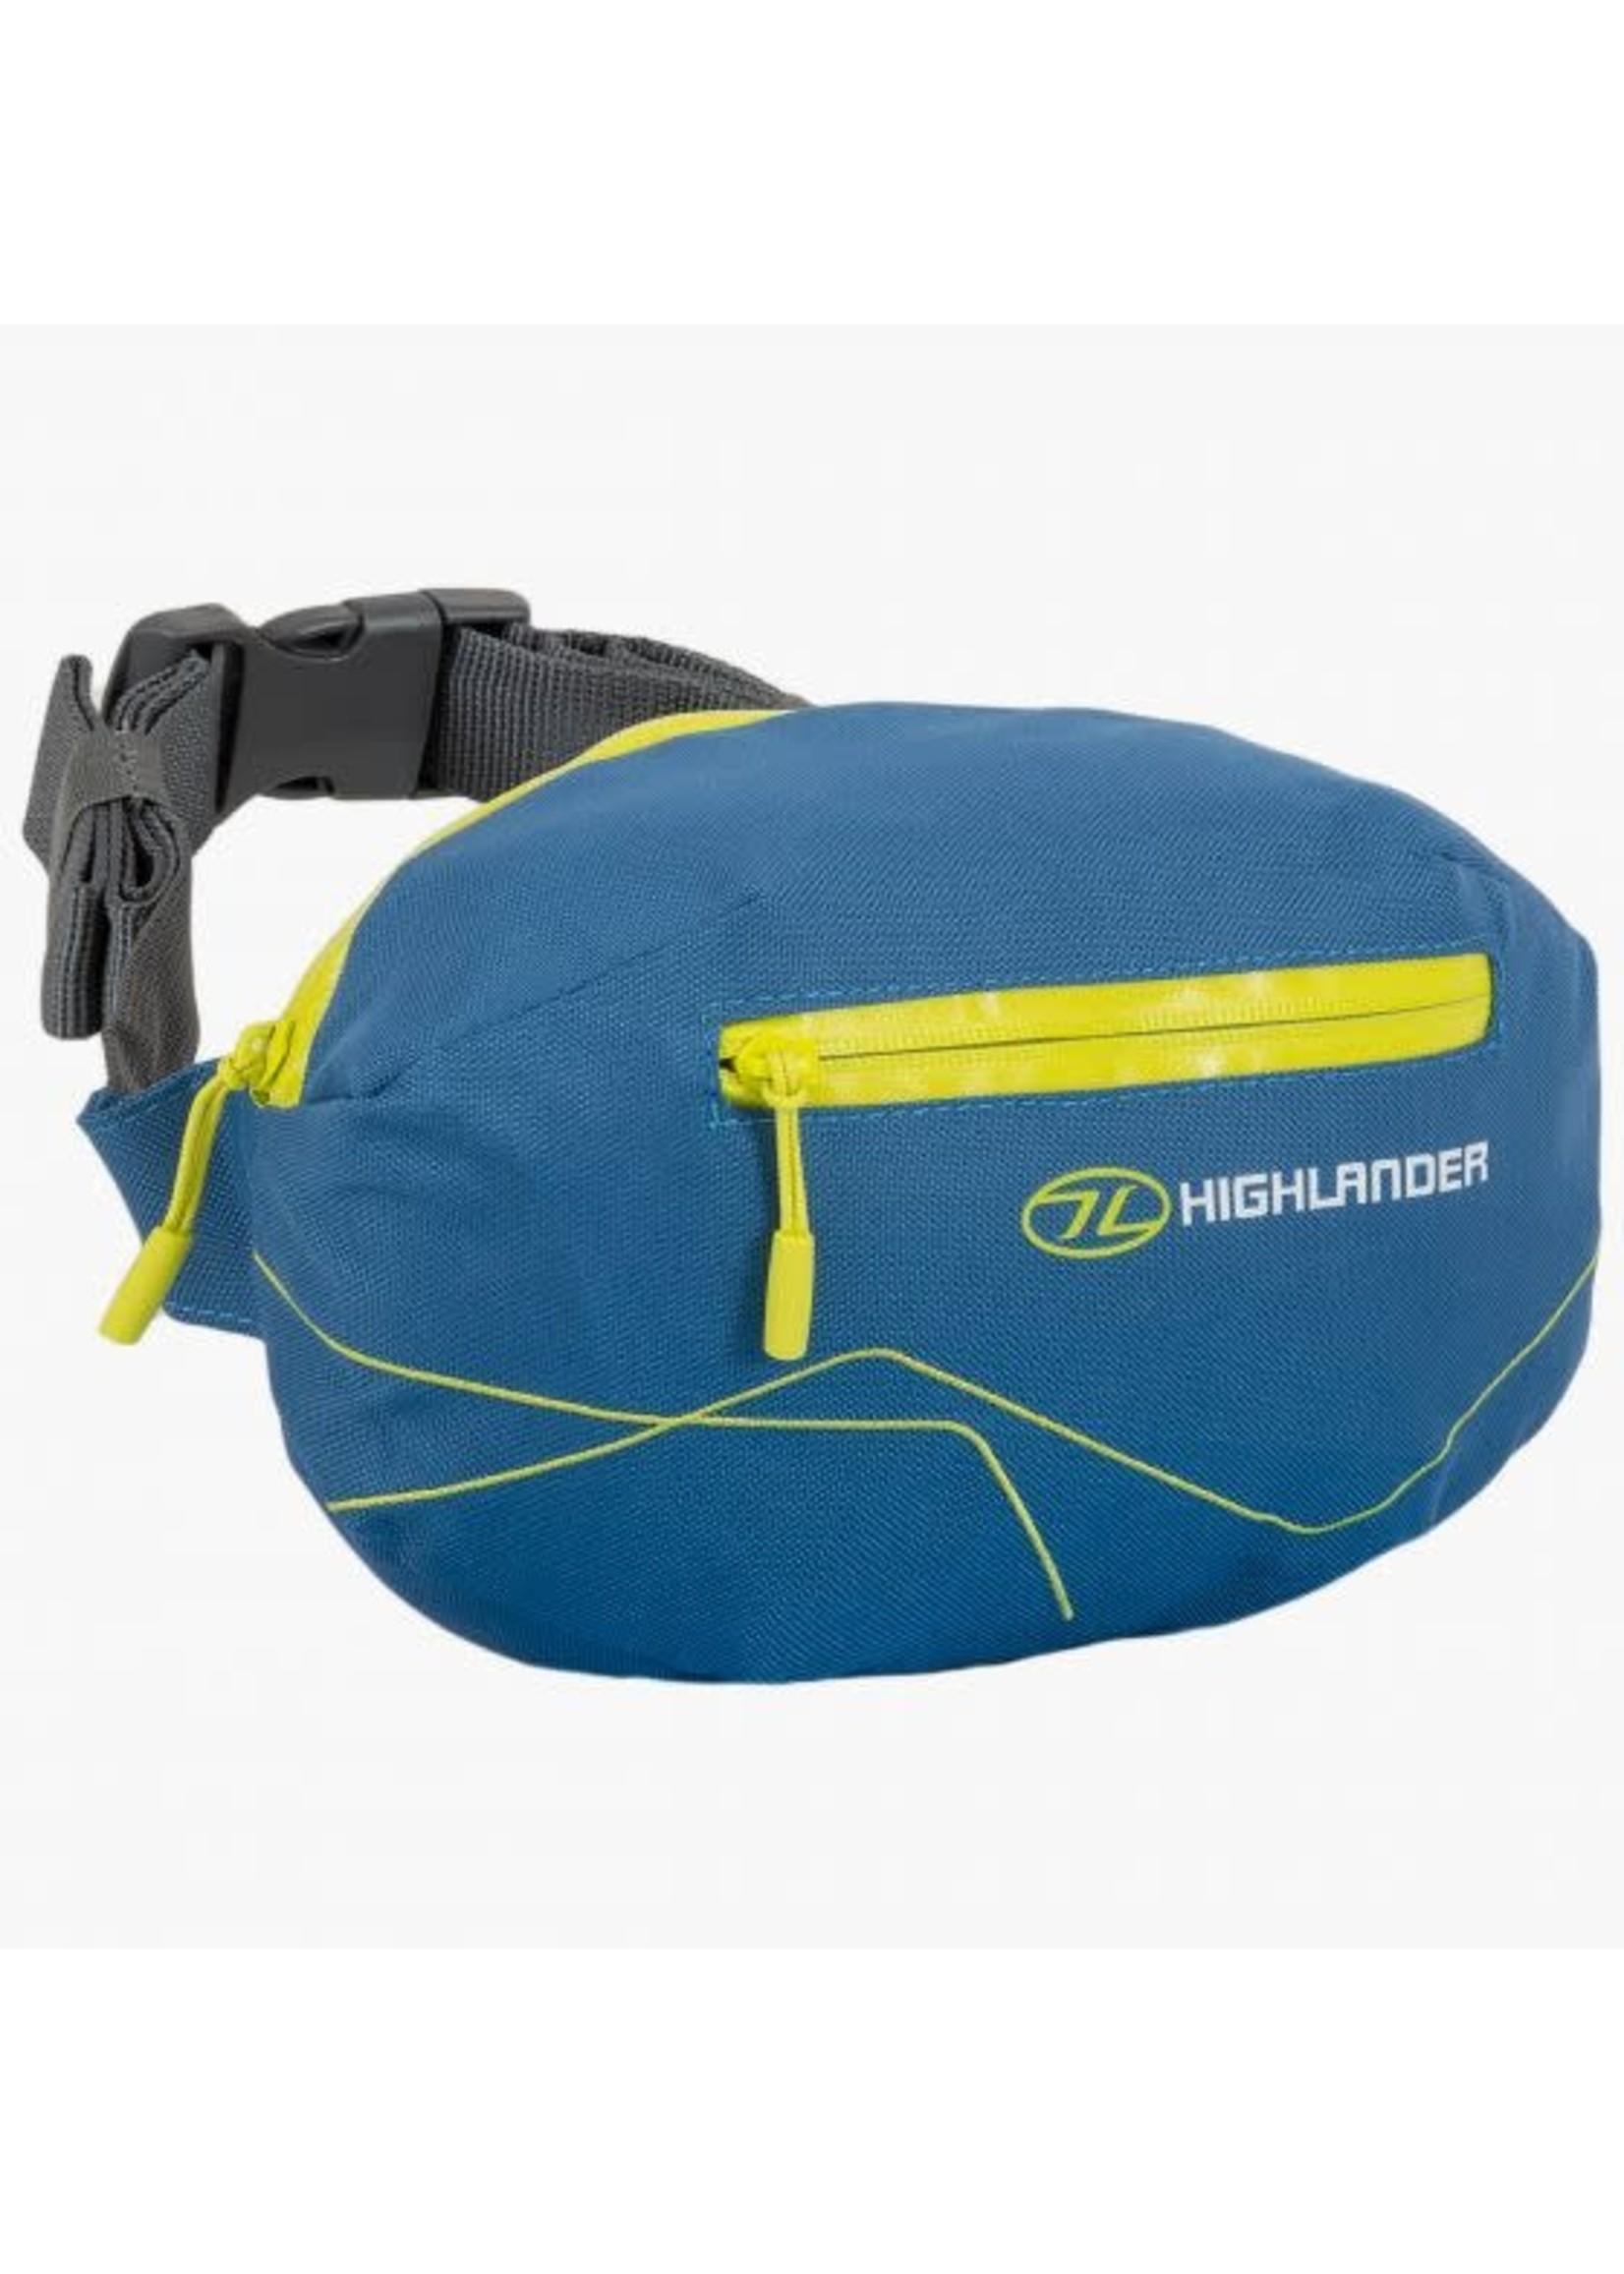 Highlander Highlander Tor 4 Waist Pack - Various Colours